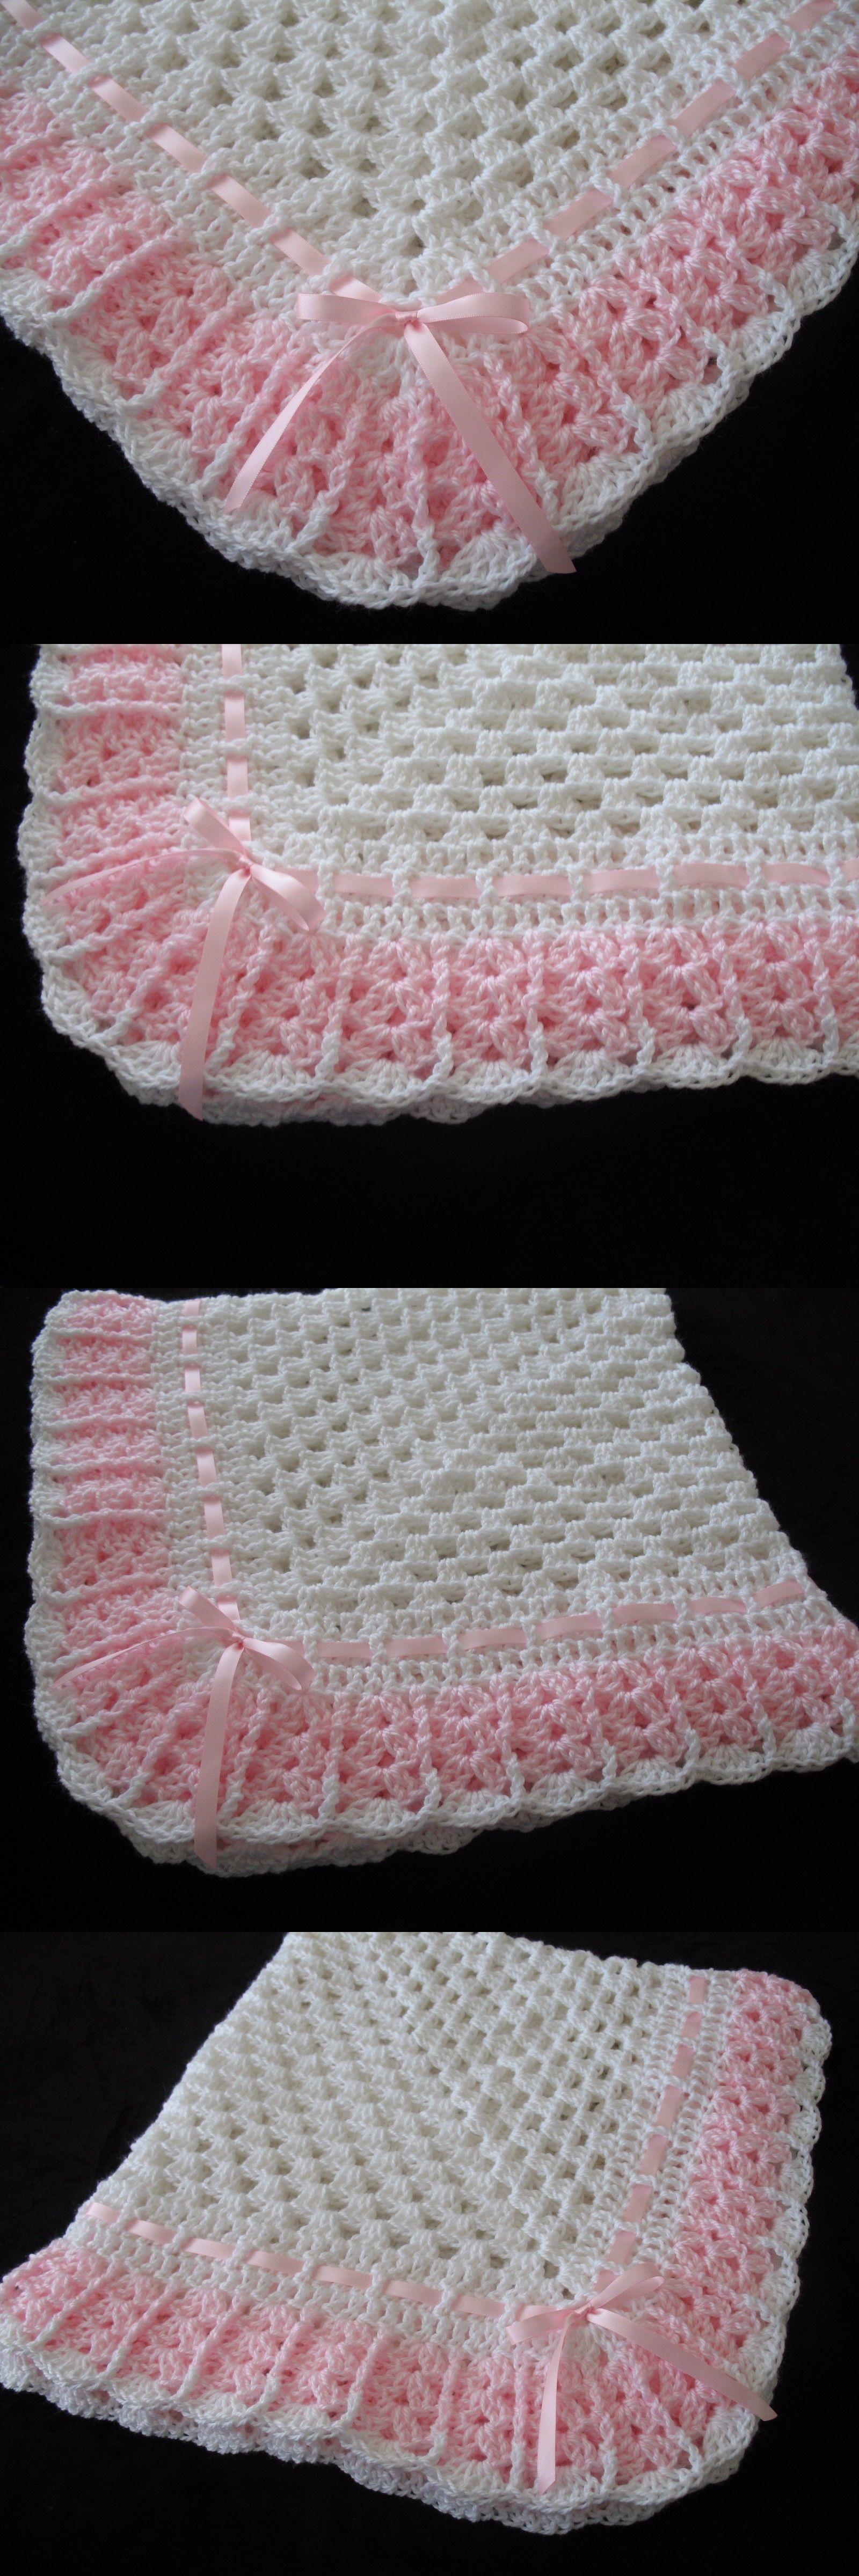 Perfecto Medio Patrón Manta Crochet Doble Cresta - Manta de Tejer ...